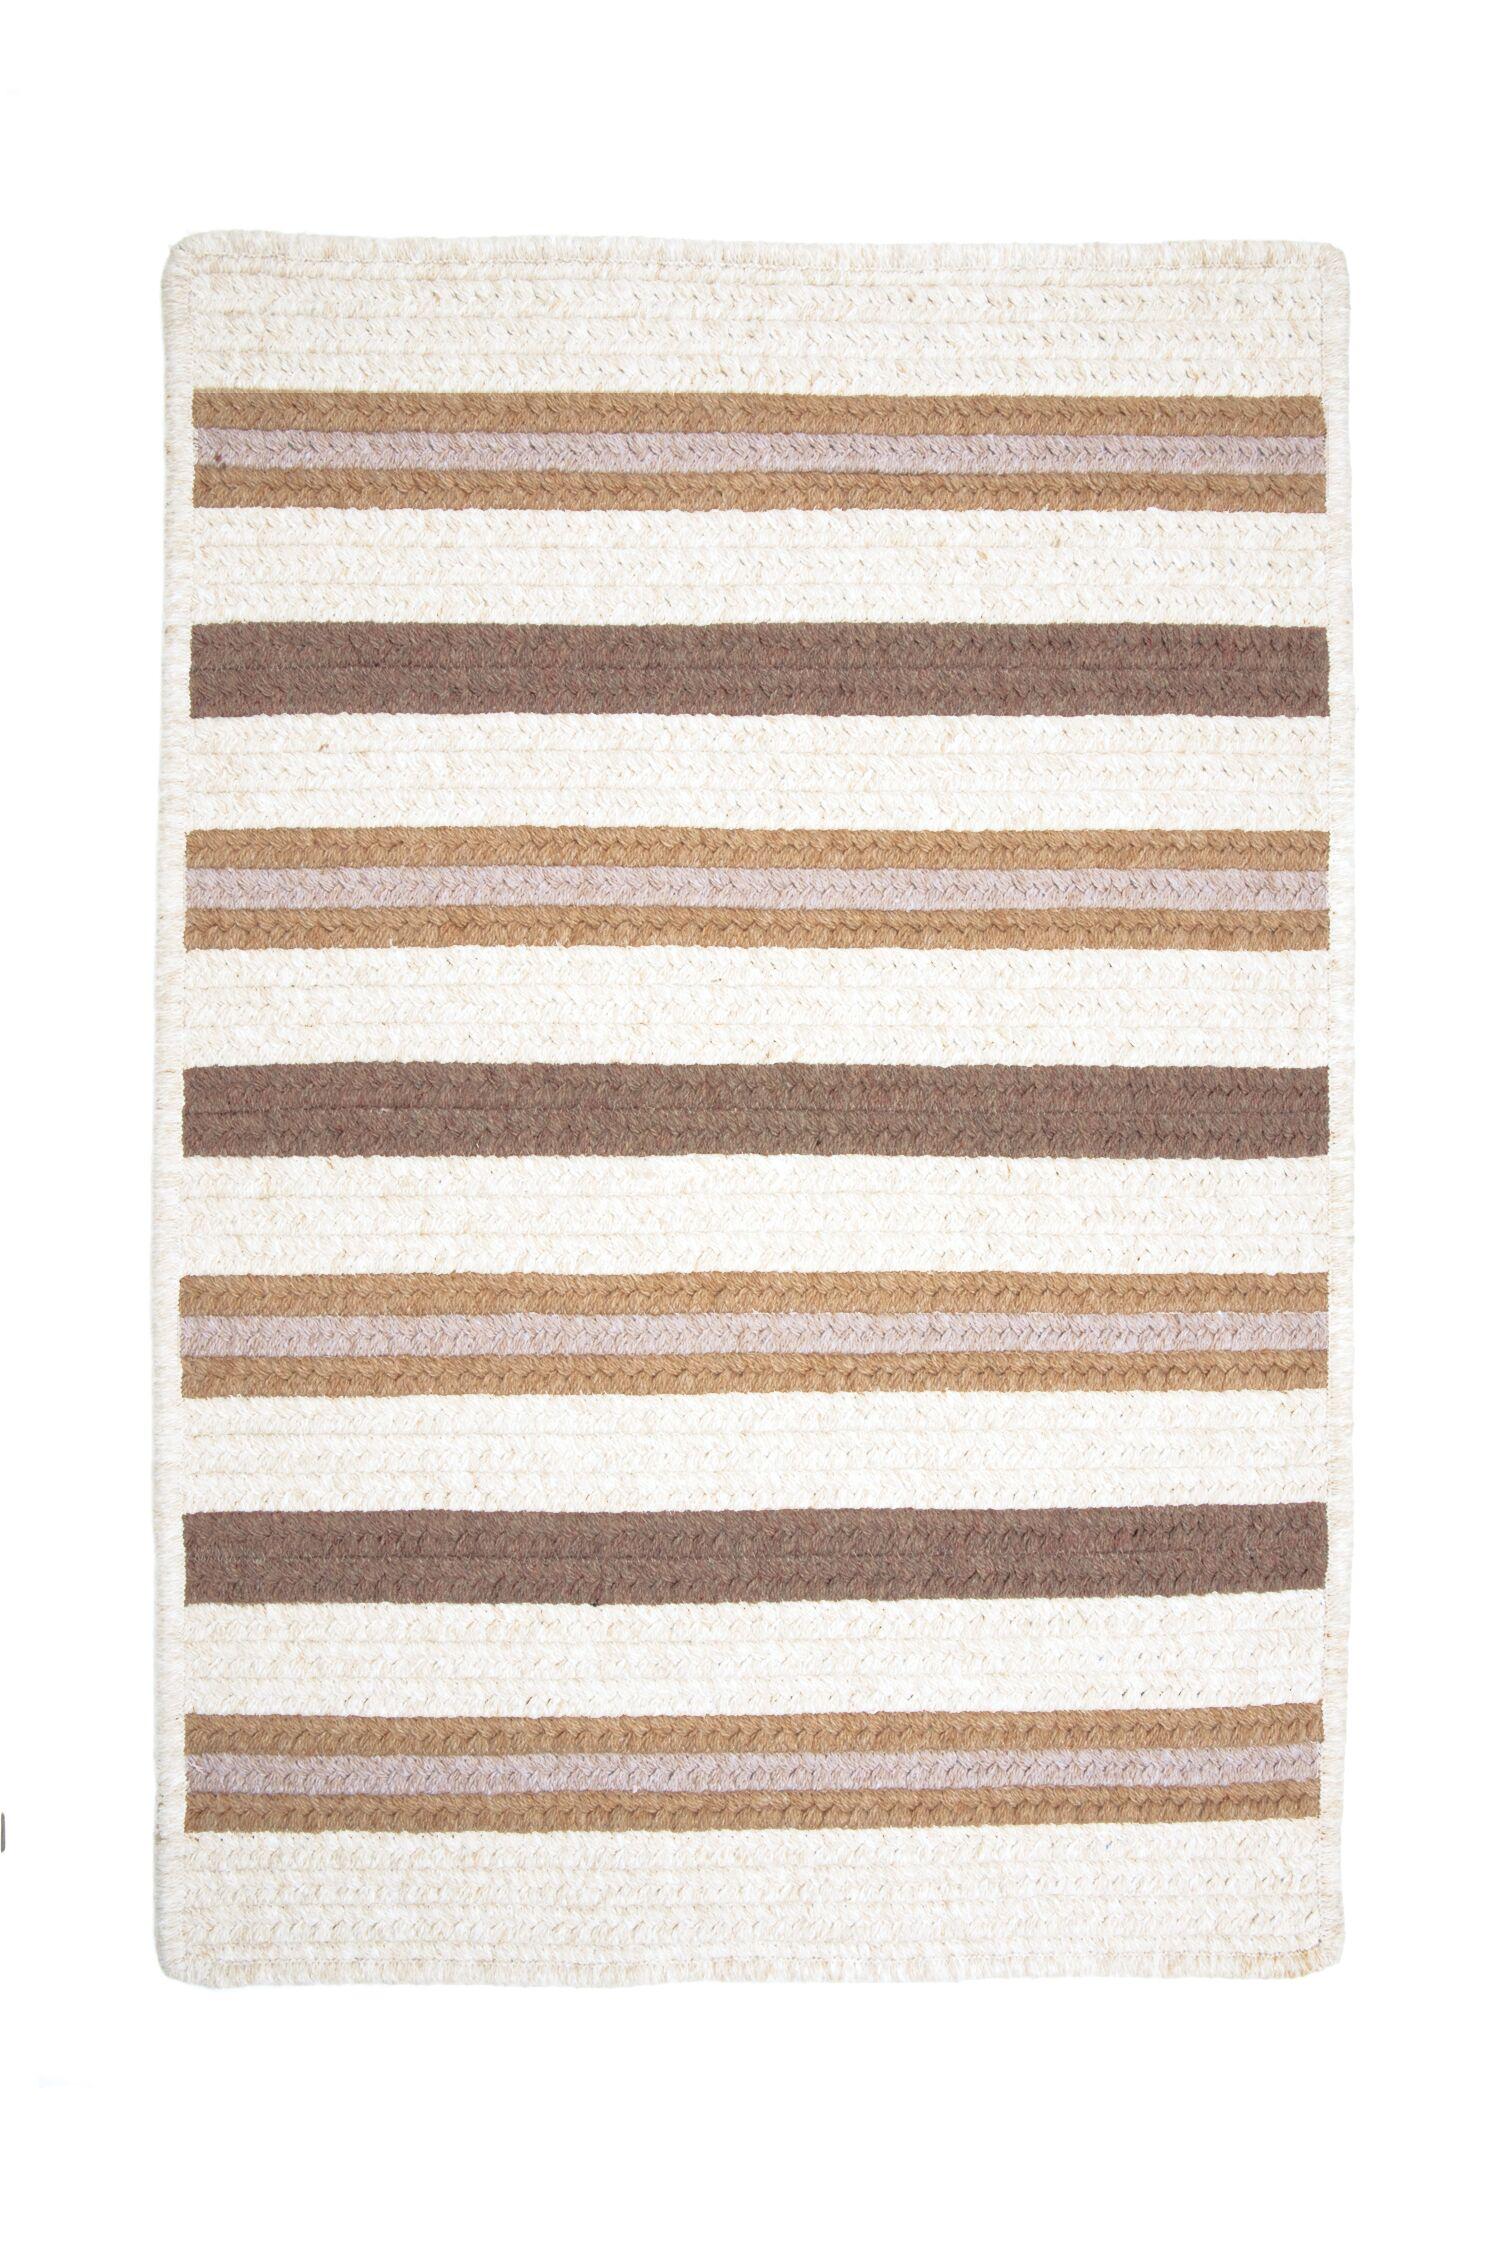 Allure Haystack Rug Rug Size: Square 8'